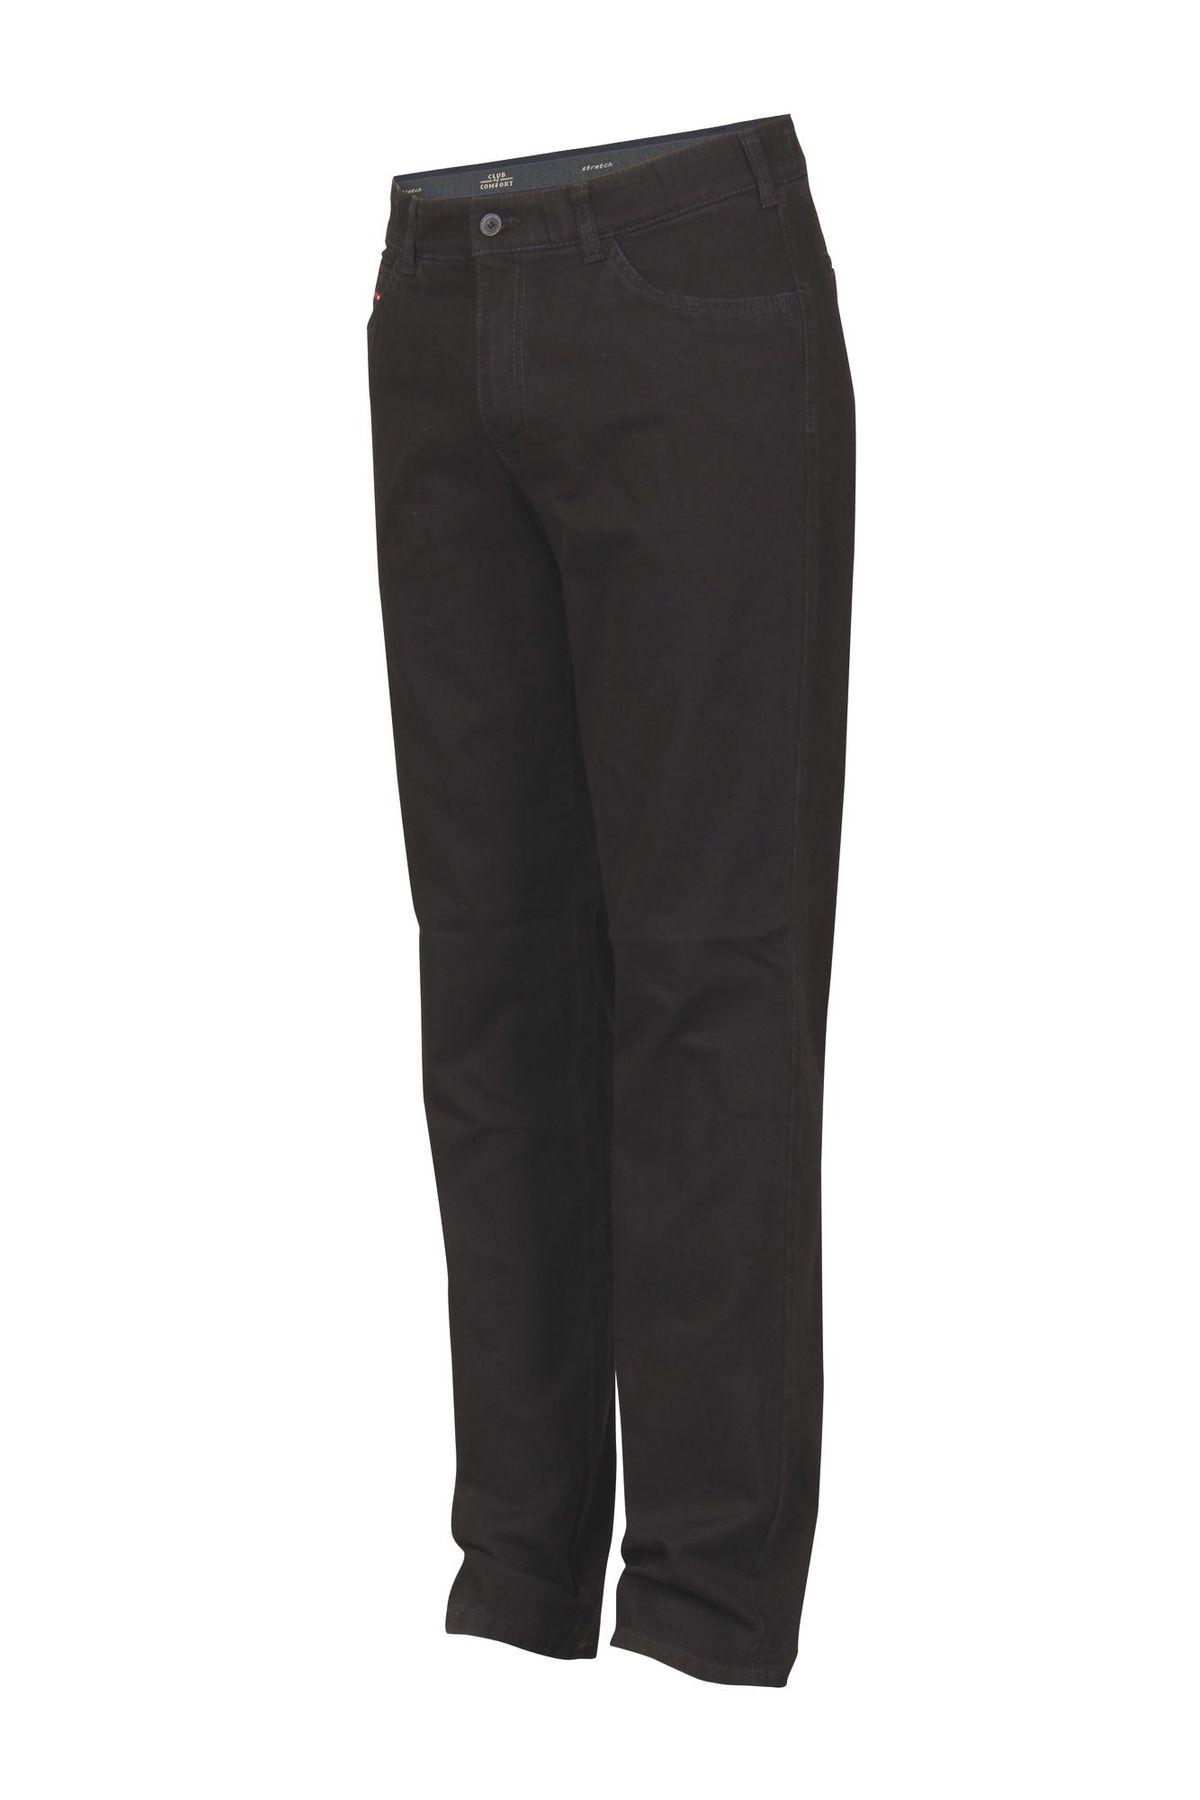 Club of Comfort - Herren Jeans Hose in verschiedenen Farbvarianten, Liam (4631) – Bild 10